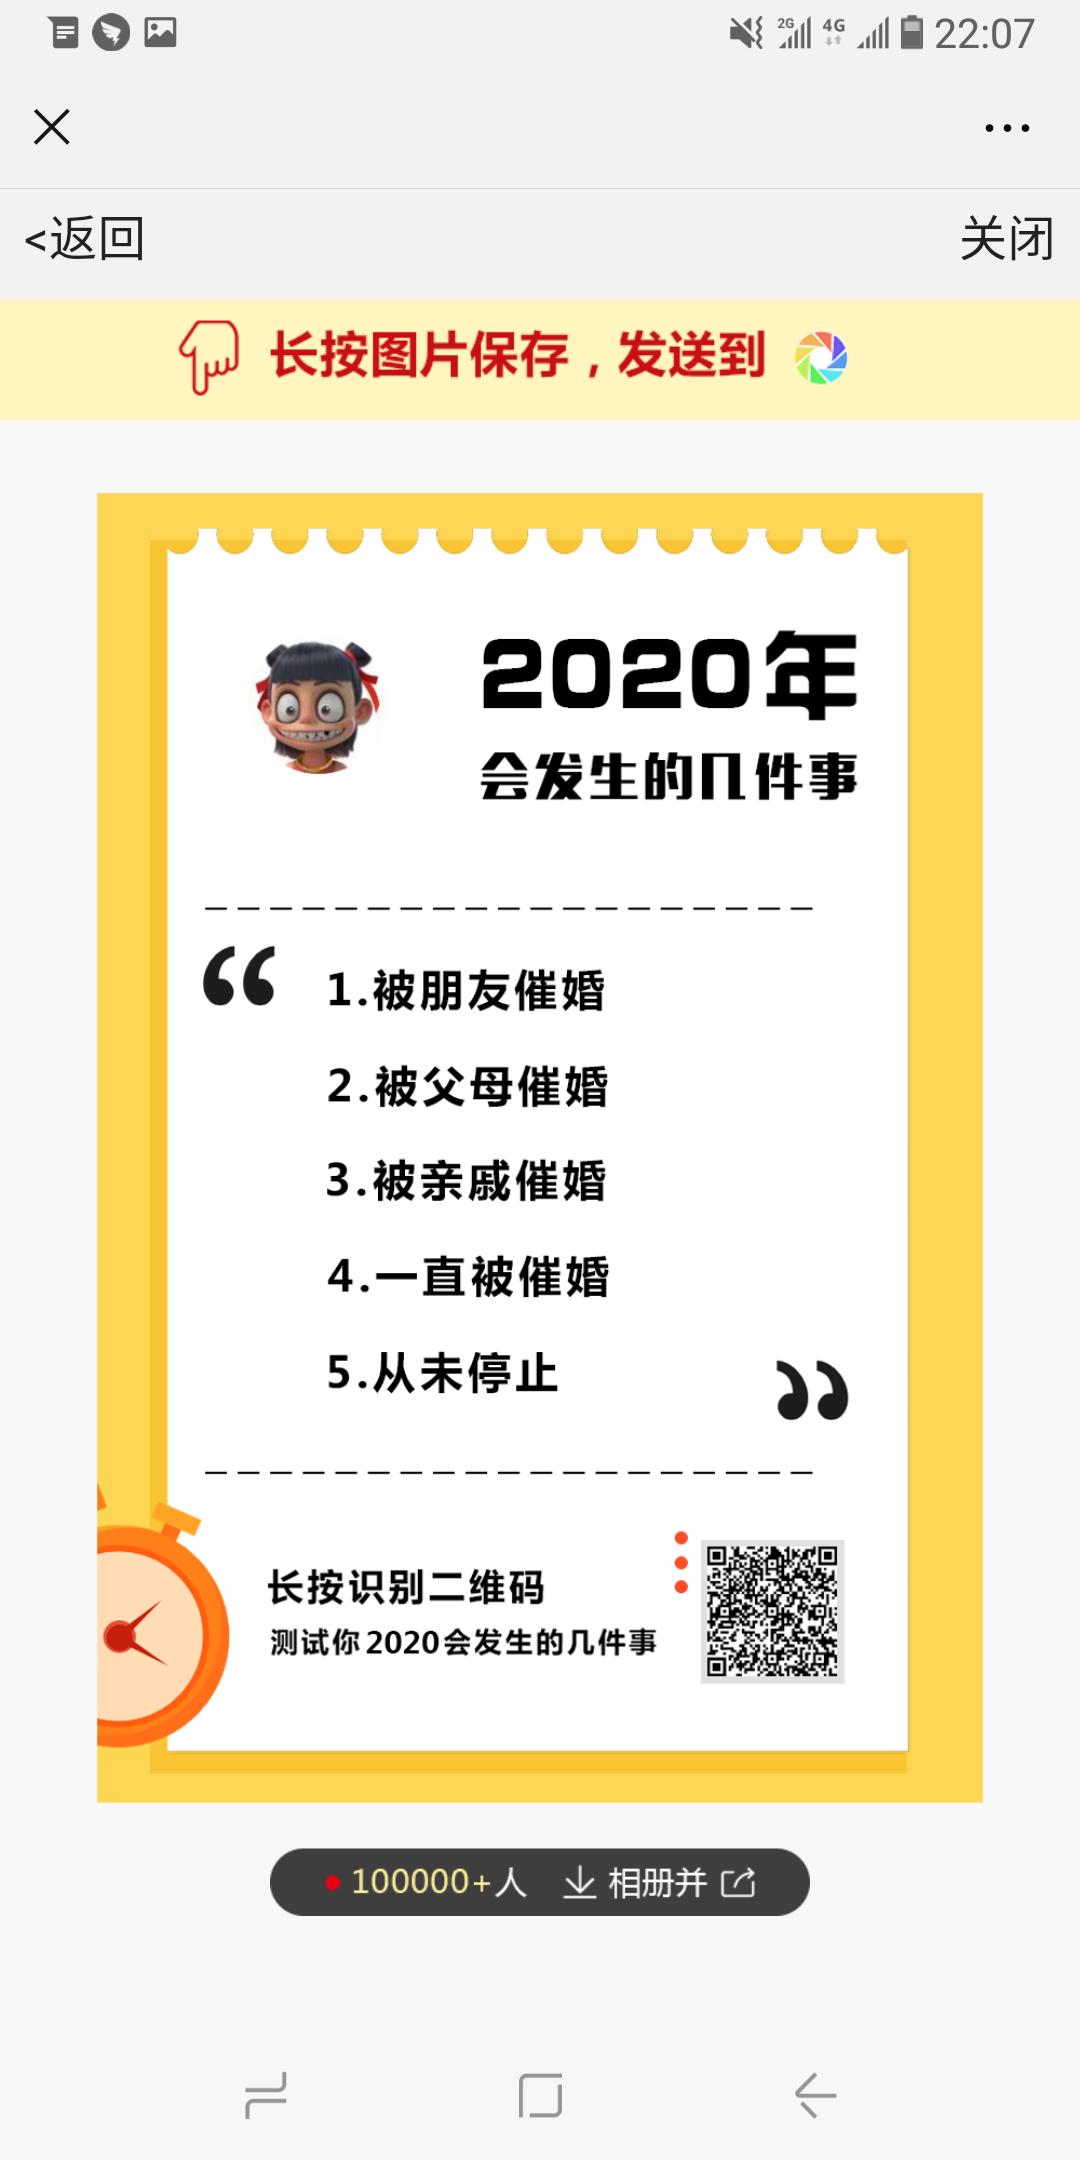 2020年会发生的几件事微信测试官网网址图3: